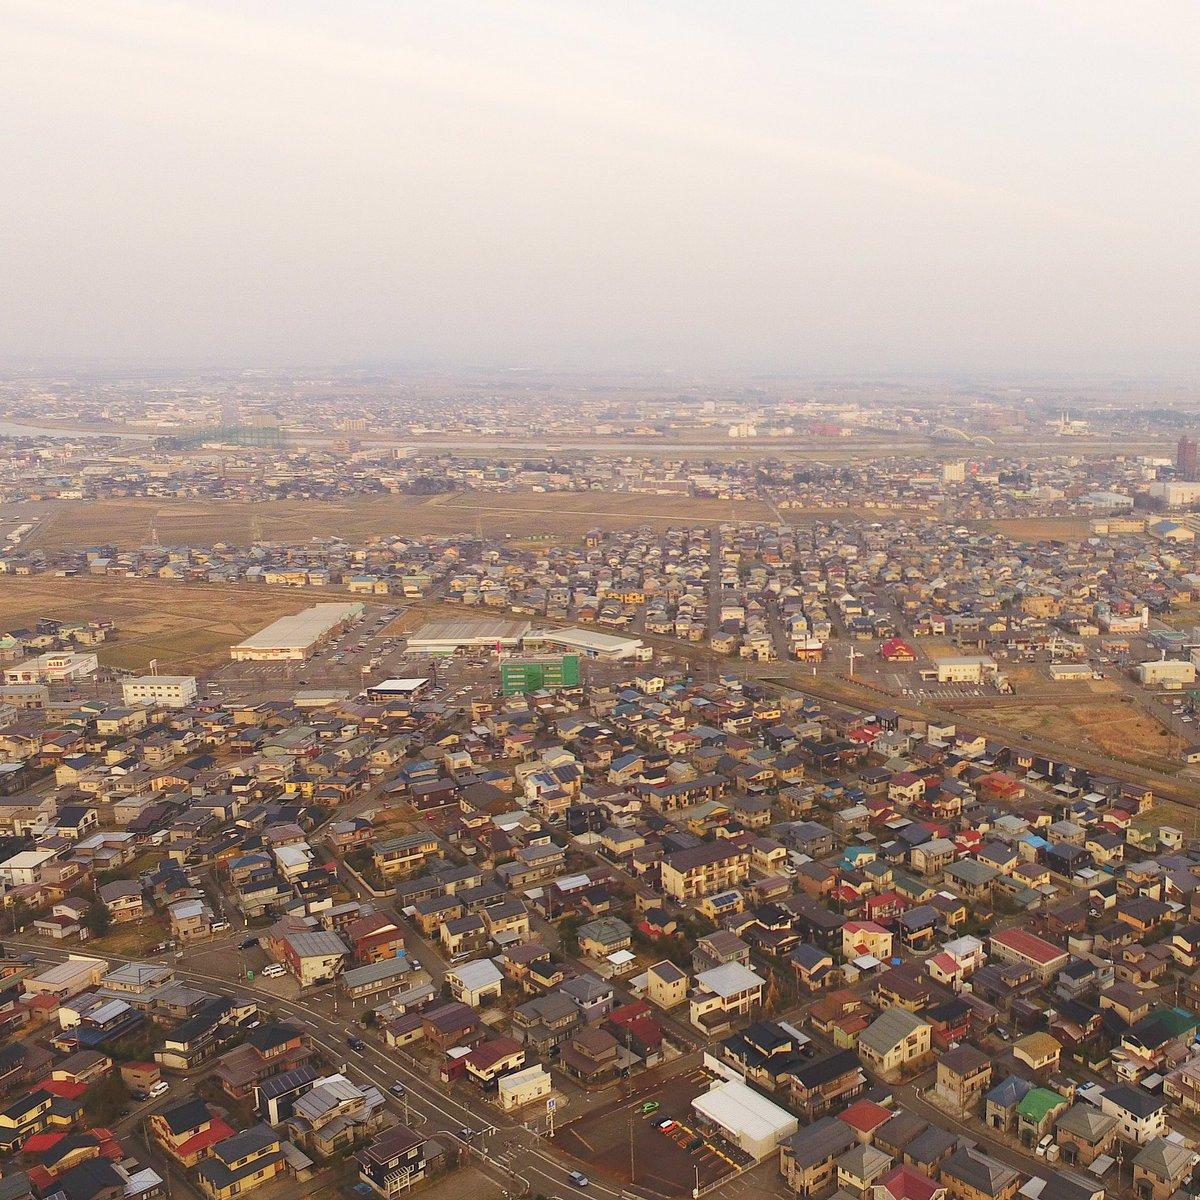 春日山城跡 史跡広場上空150mより上越市を望む#空撮 #Phantom4 #Phantom #春日山城 #drone